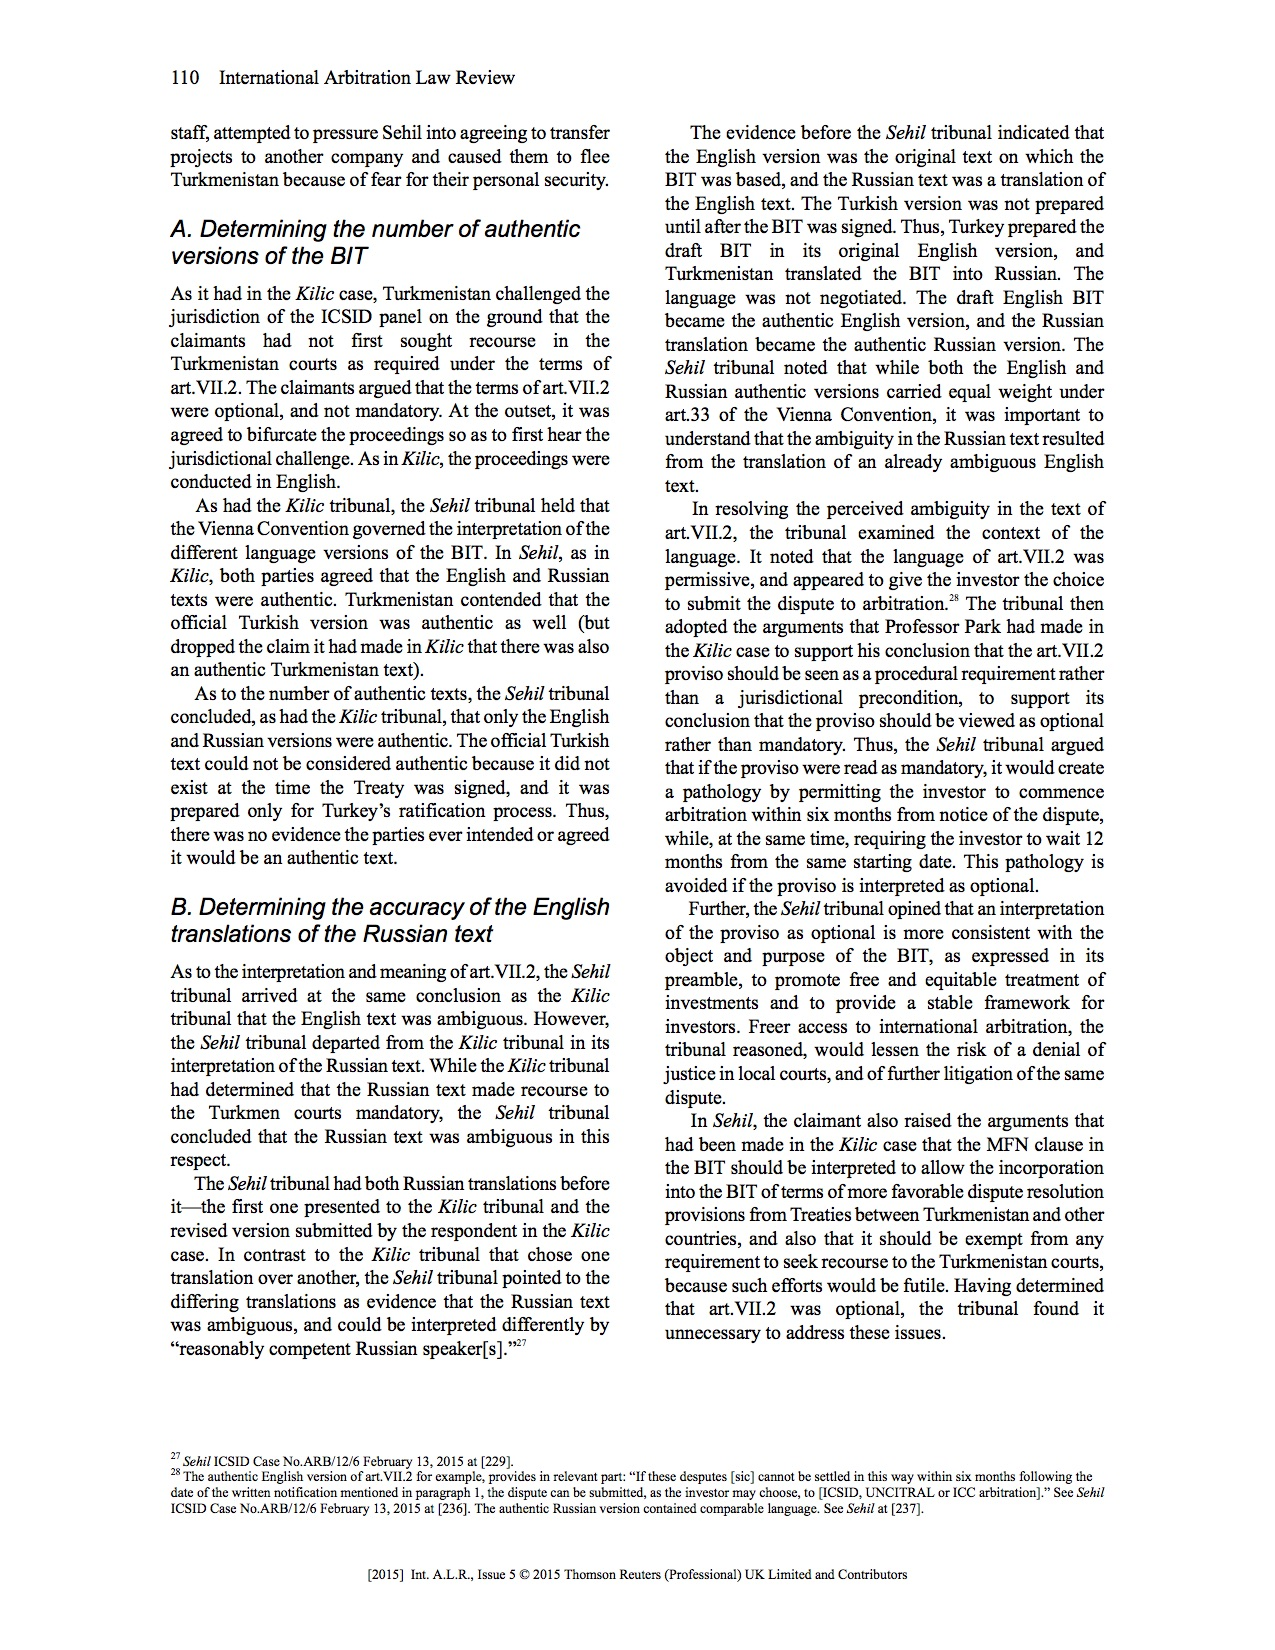 Intl Law Rev p6.jpg